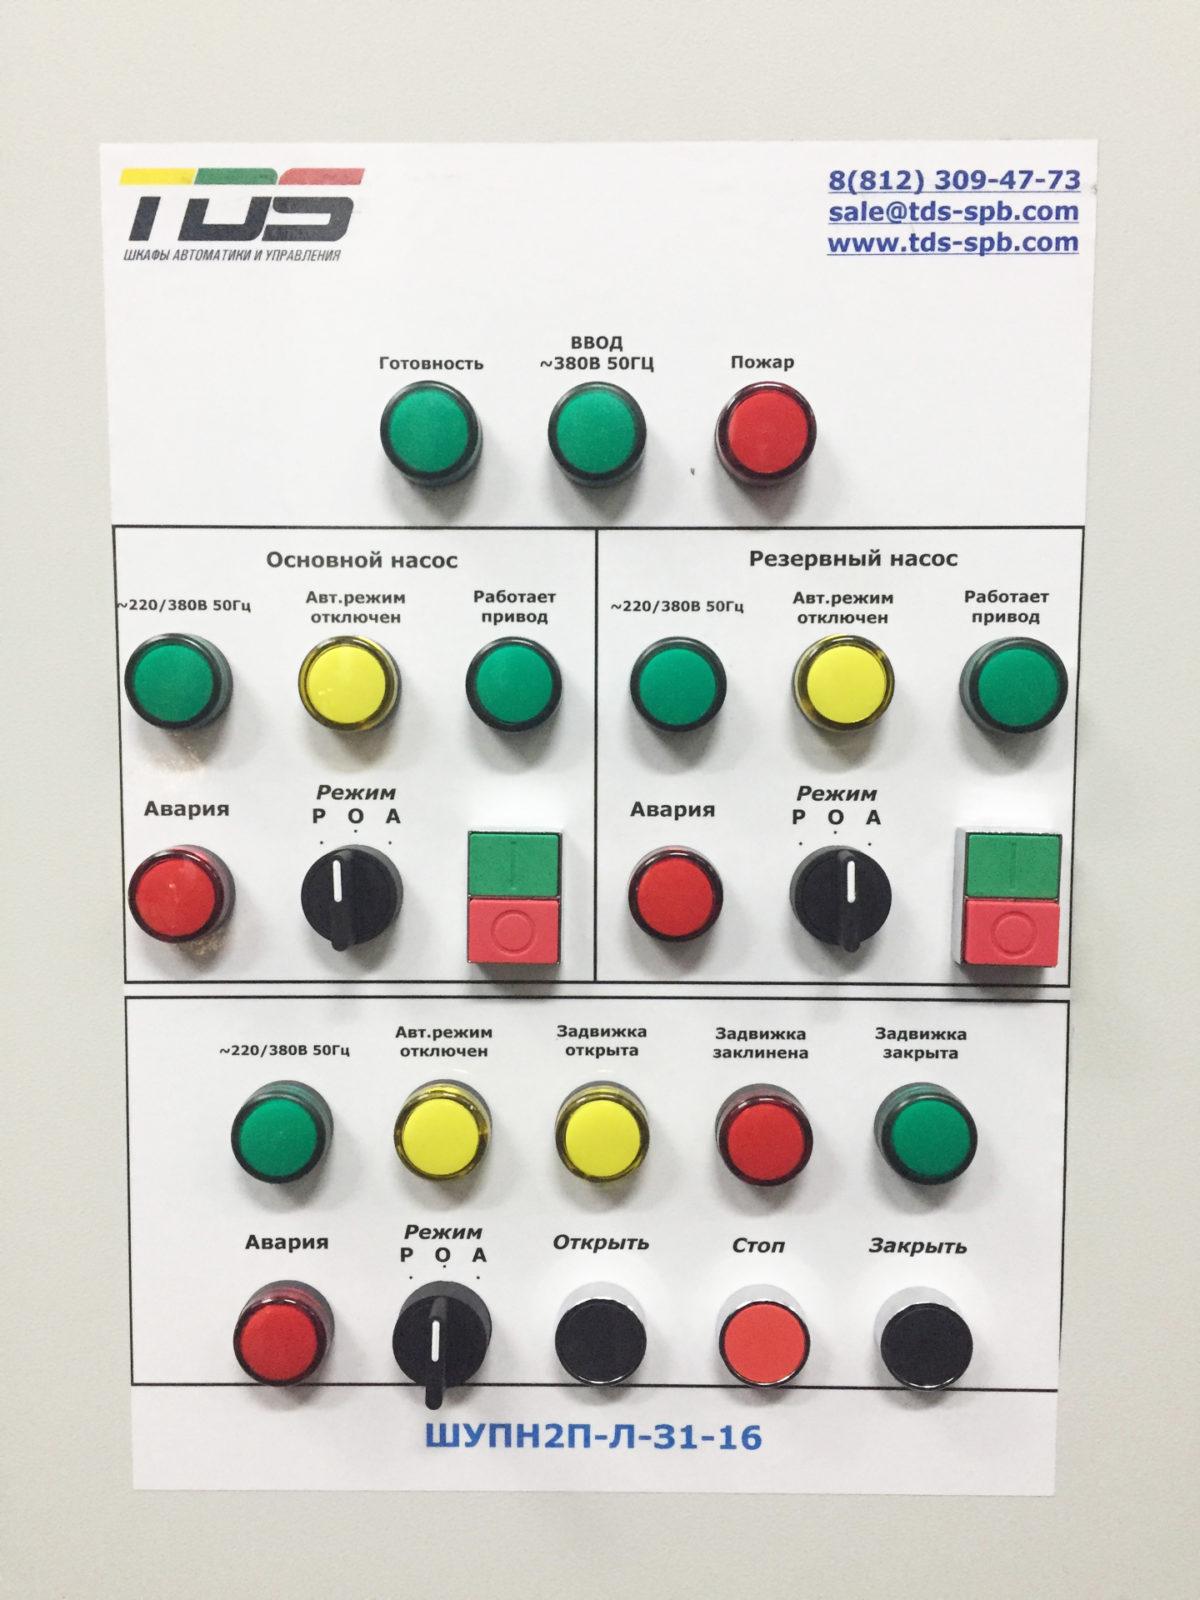 Шкаф управления пожарными насосами по схеме (Основной +Резервный+Задвижка) ШУПН2/1-32/x-ЛЗ (IP54)